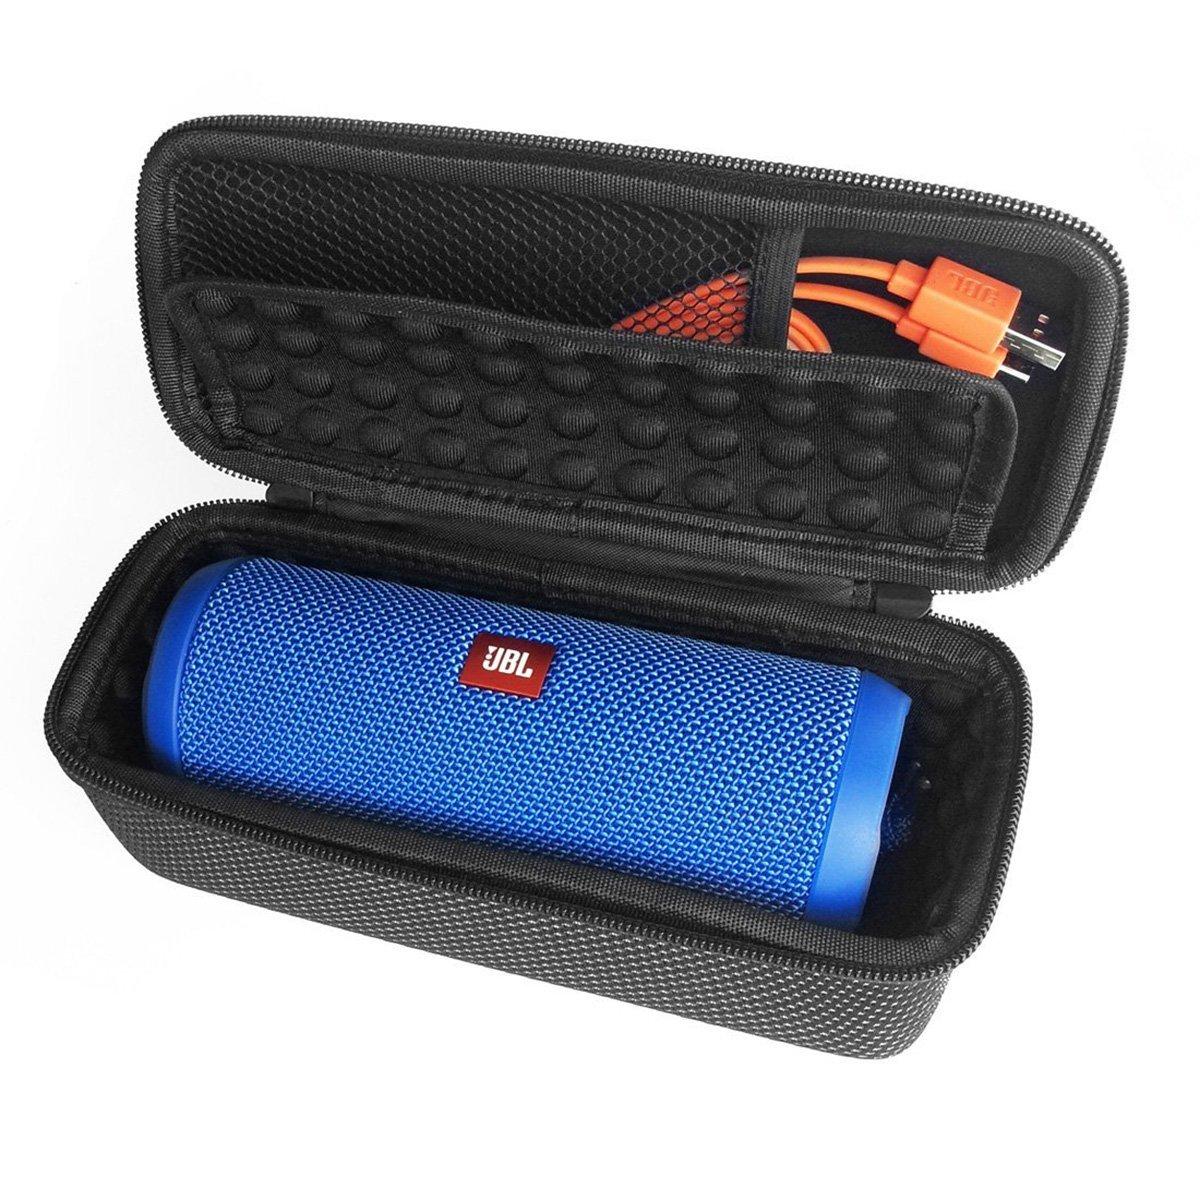 LEORX Cover protettiva EVA per JBL Flip 3 altoparlante Bluetooth senza fili (nero + bianco)